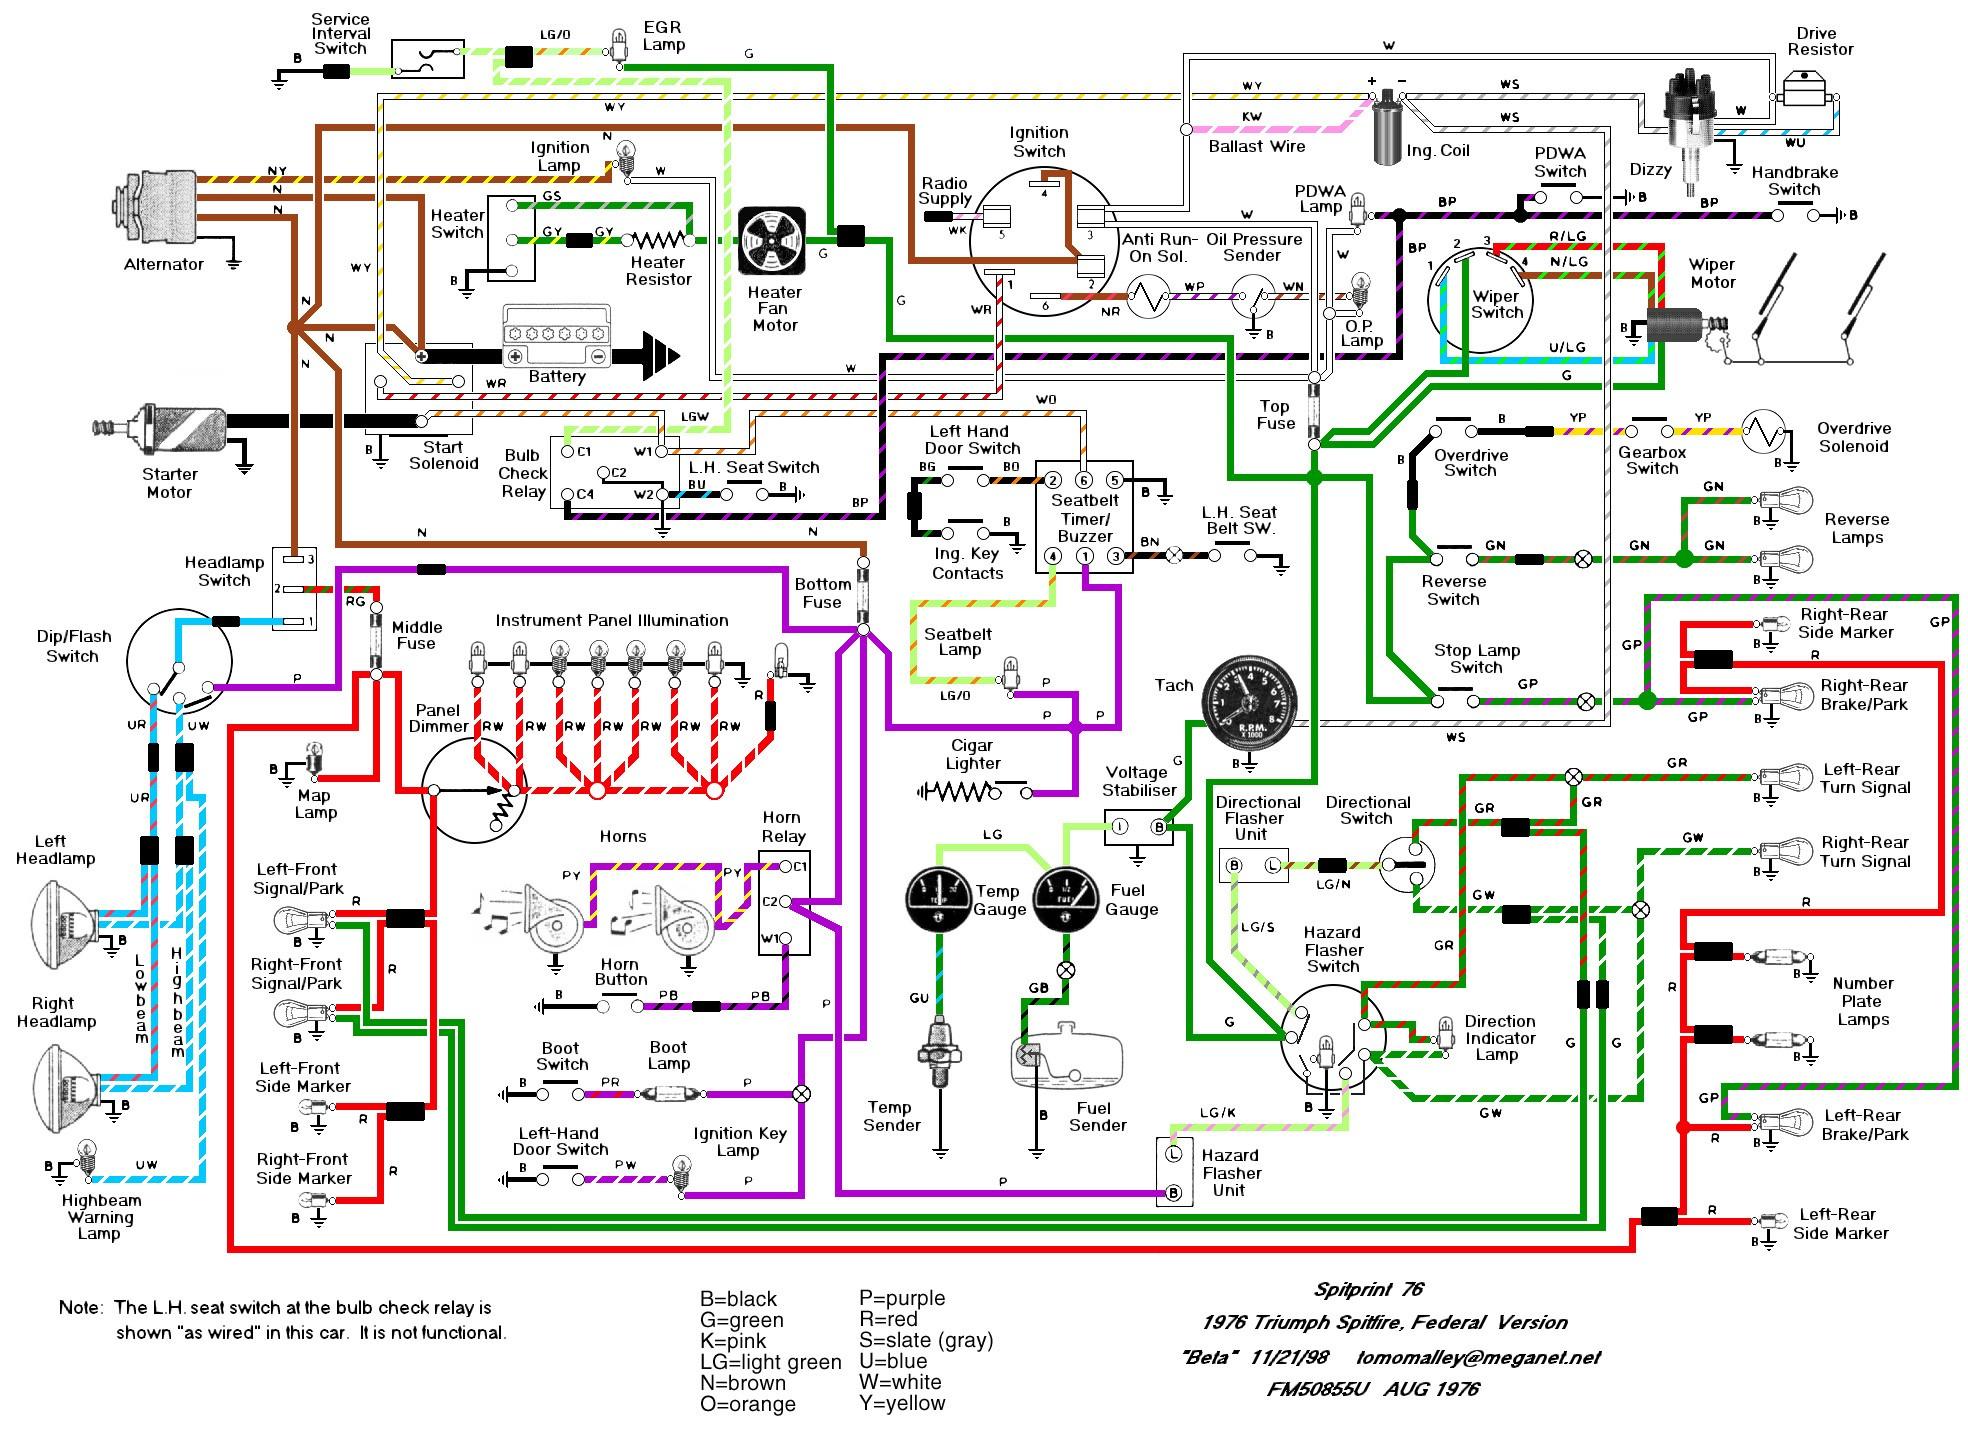 Gem Car Wiring Schematics 3 - 1997 Dodge Ram 2500 Wiring Diagram -  schematics-source.tukune.jeanjaures37.fr | Gem Golf Car Wiring Diagram |  | Wiring Diagram Resource